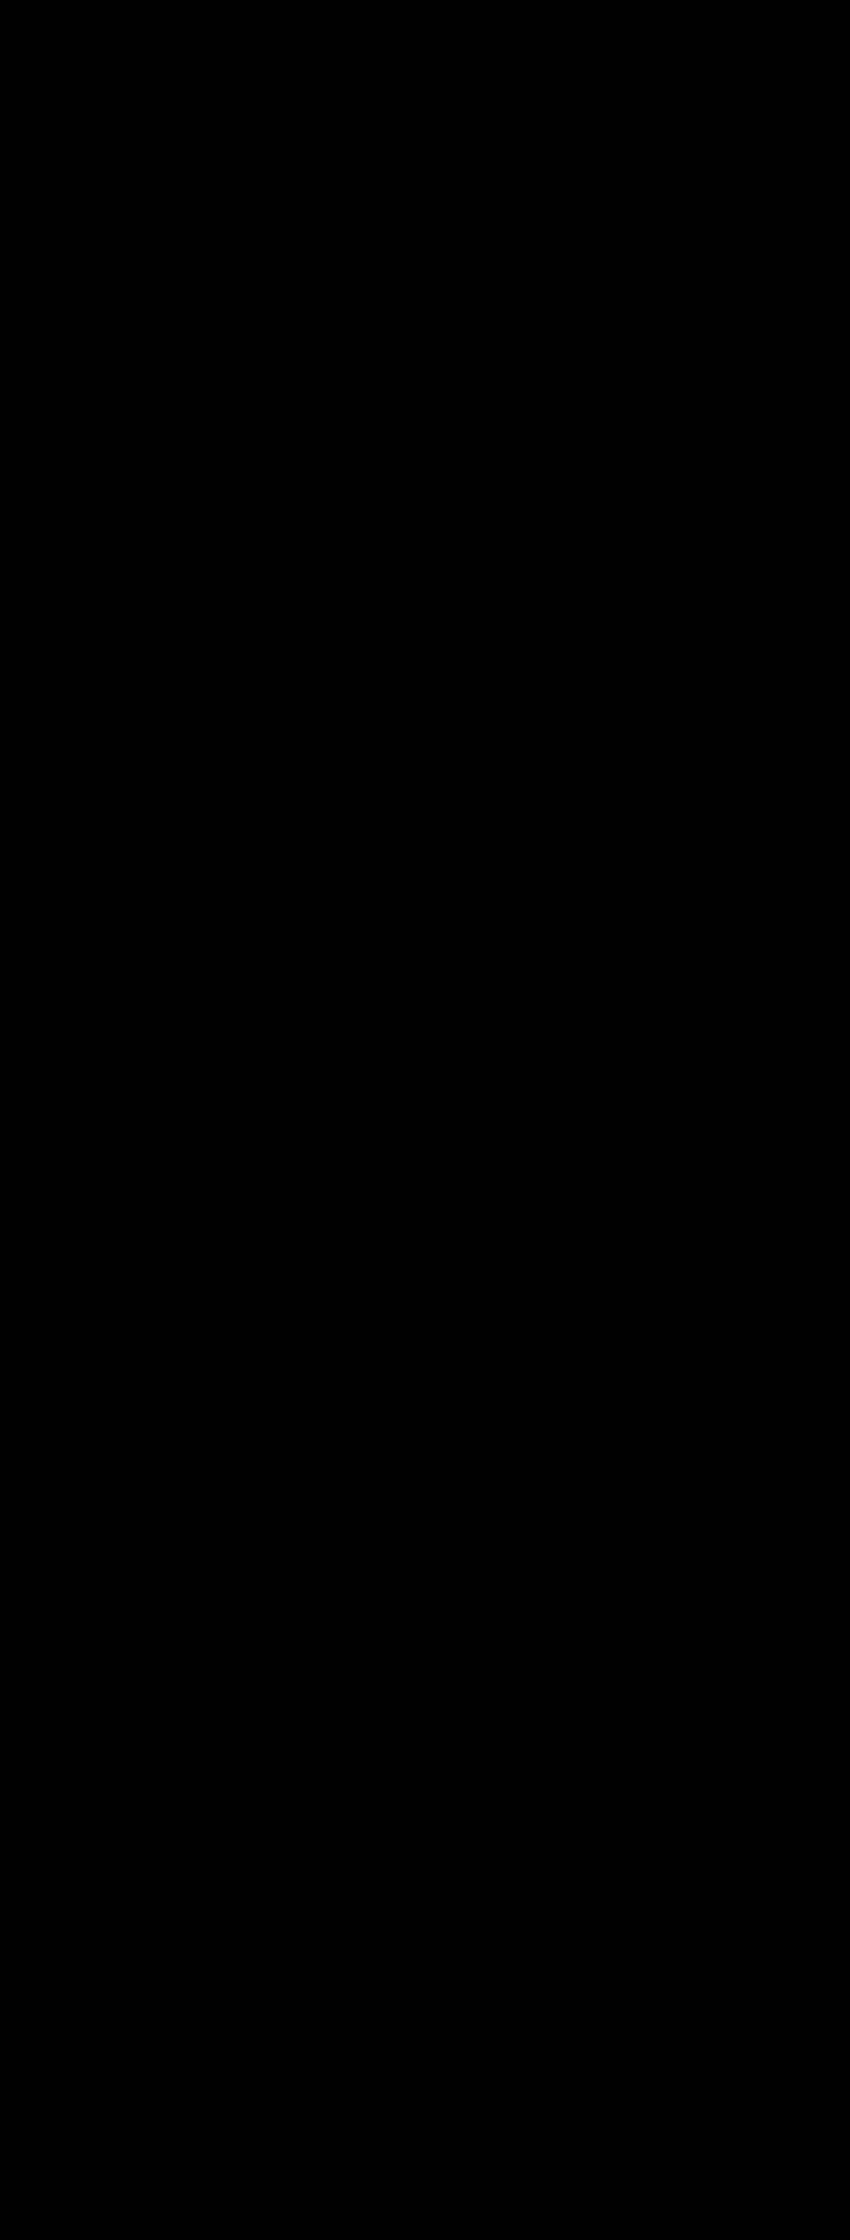 TENSTICKERS. シンプルソードオブジェクトウォールステッカー. あなたの家や中世の剣へのあなたの愛と興味を表す任意の表面を飾るためのシンプルな剣オブジェクトビニールステッカー。